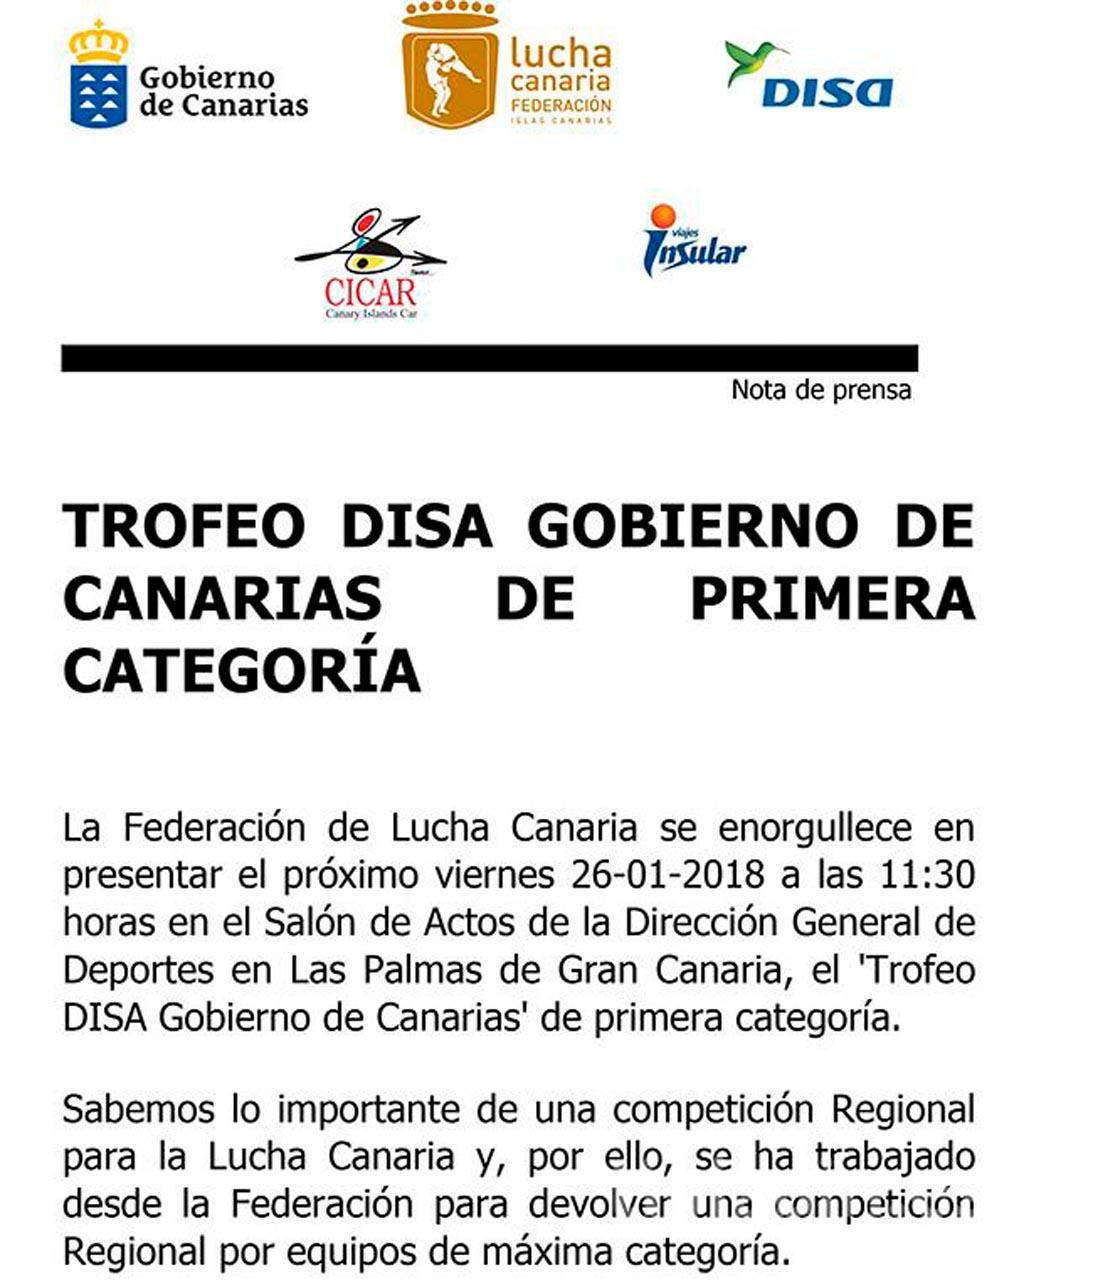 Trofeo Disa Gobierno de Canarias de 1ª Categoría